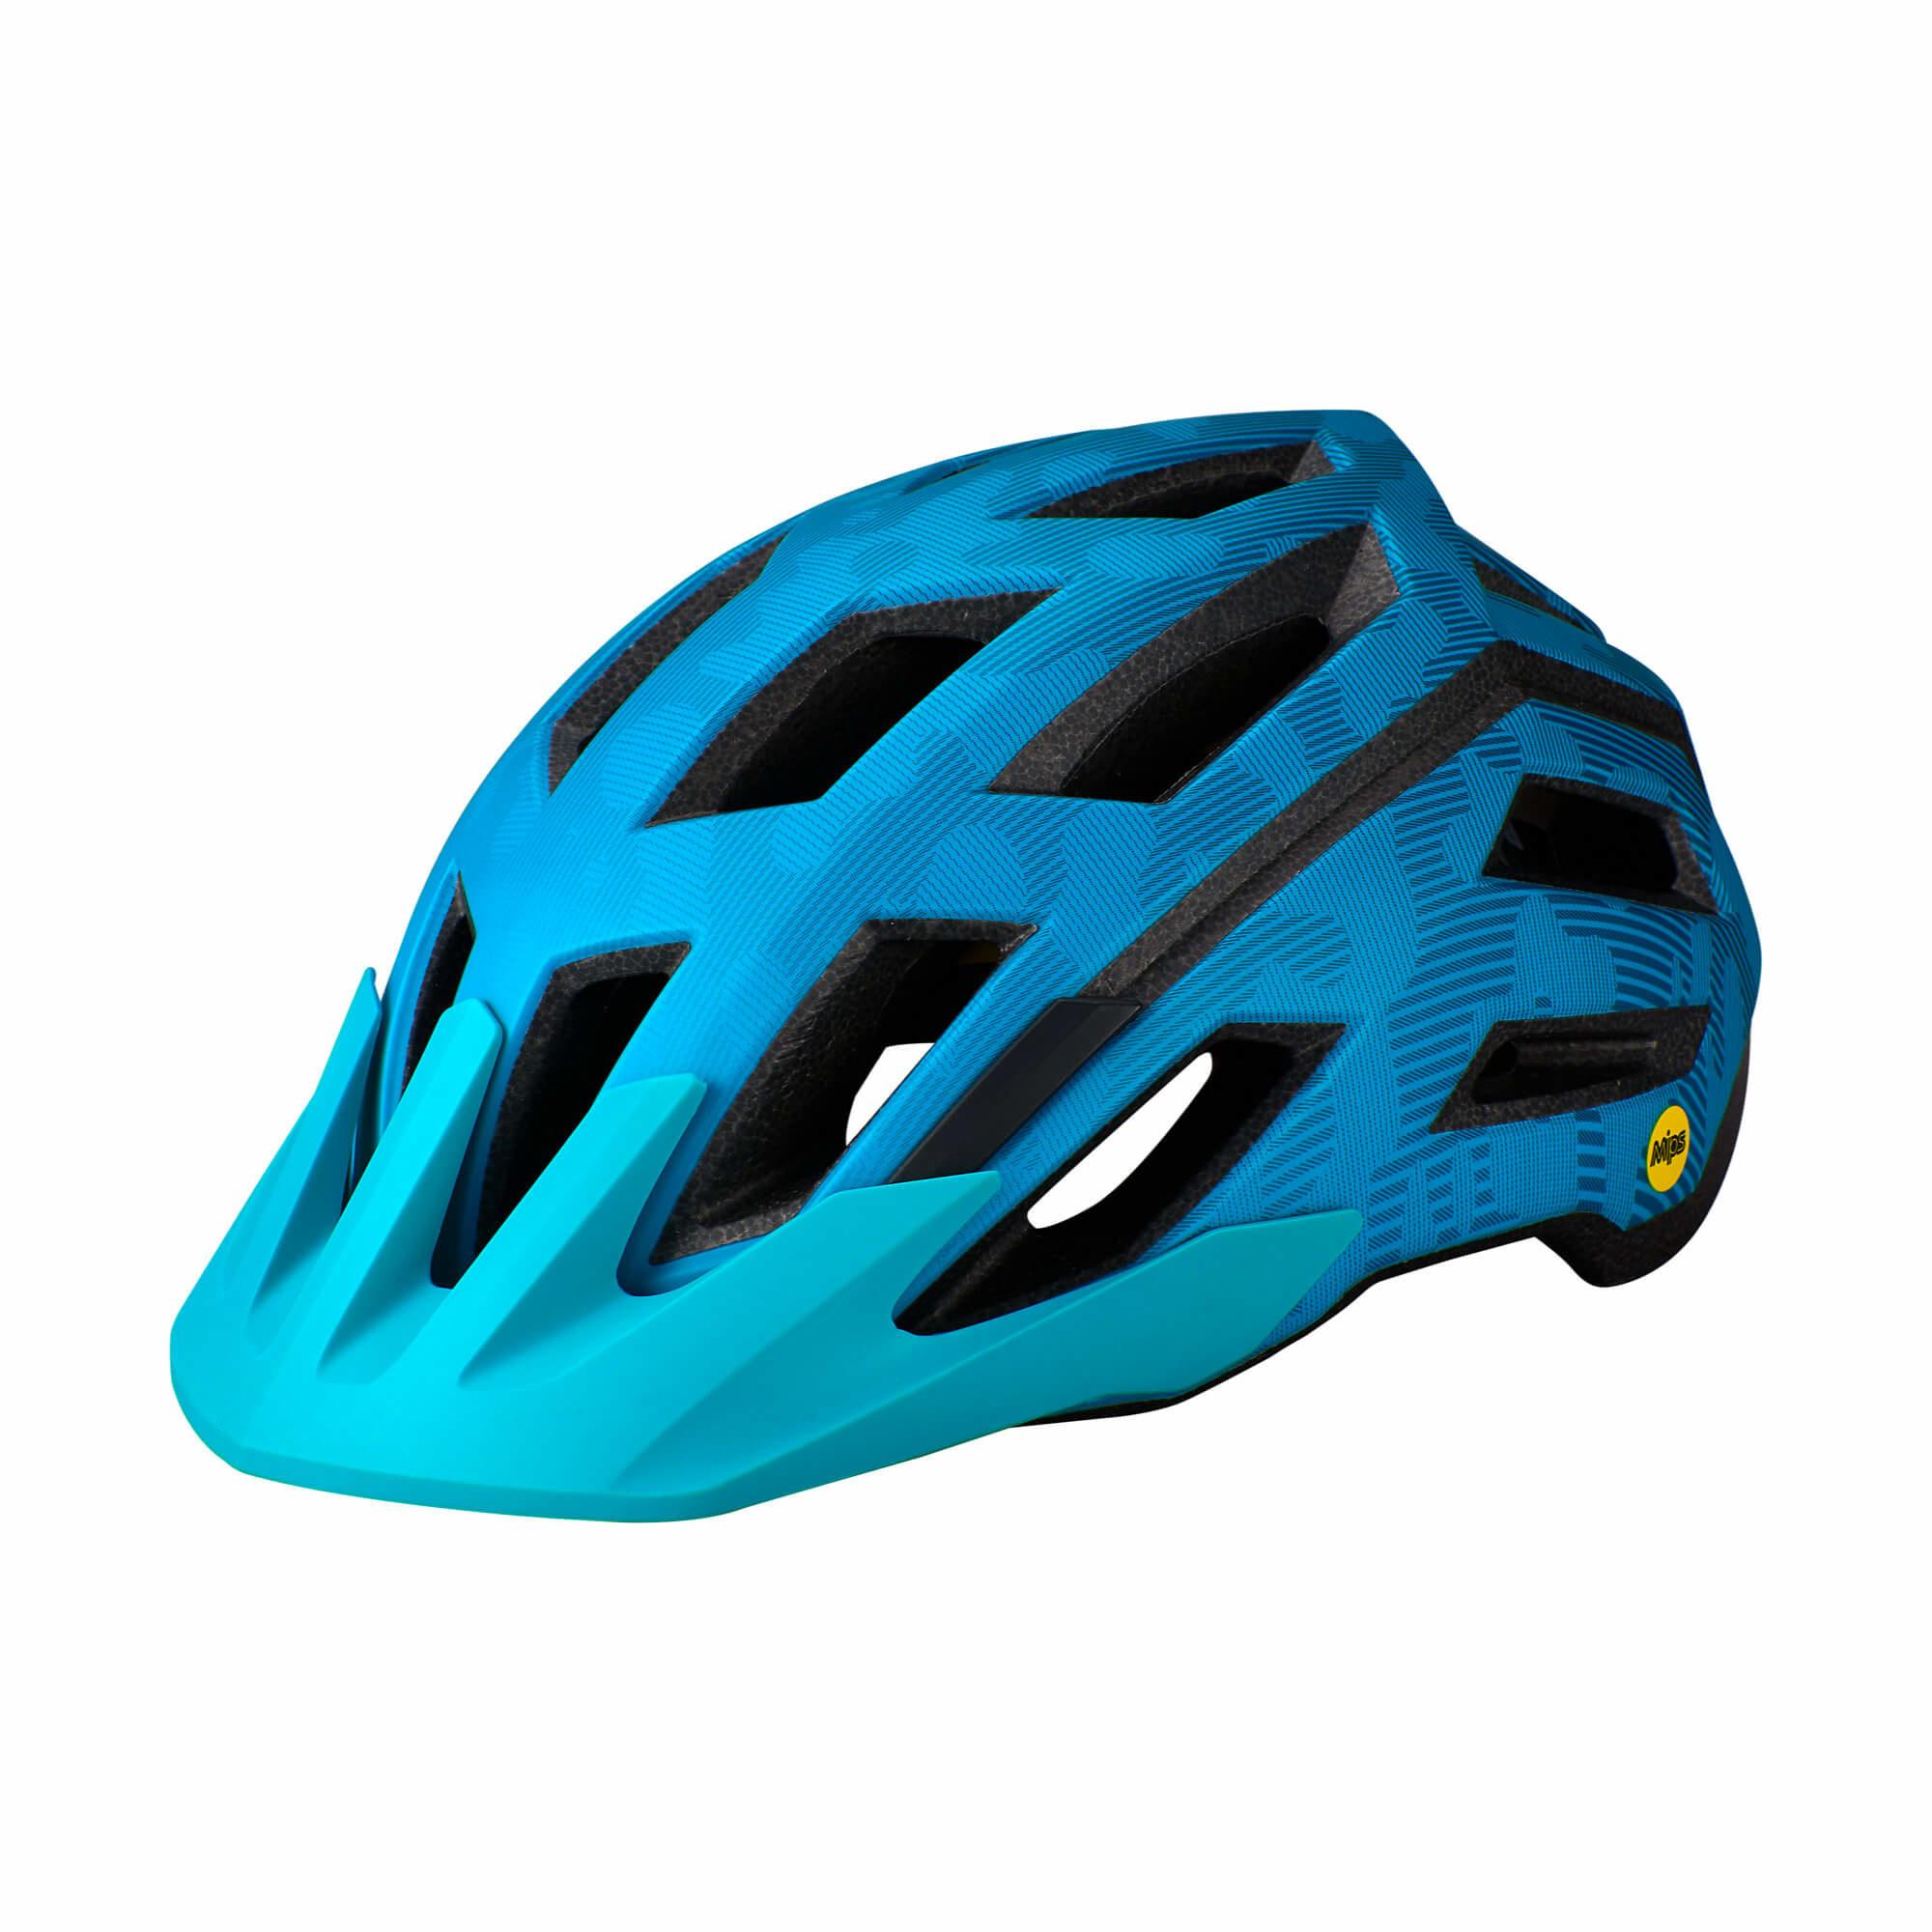 Tactic 3 Helmet Mips-4